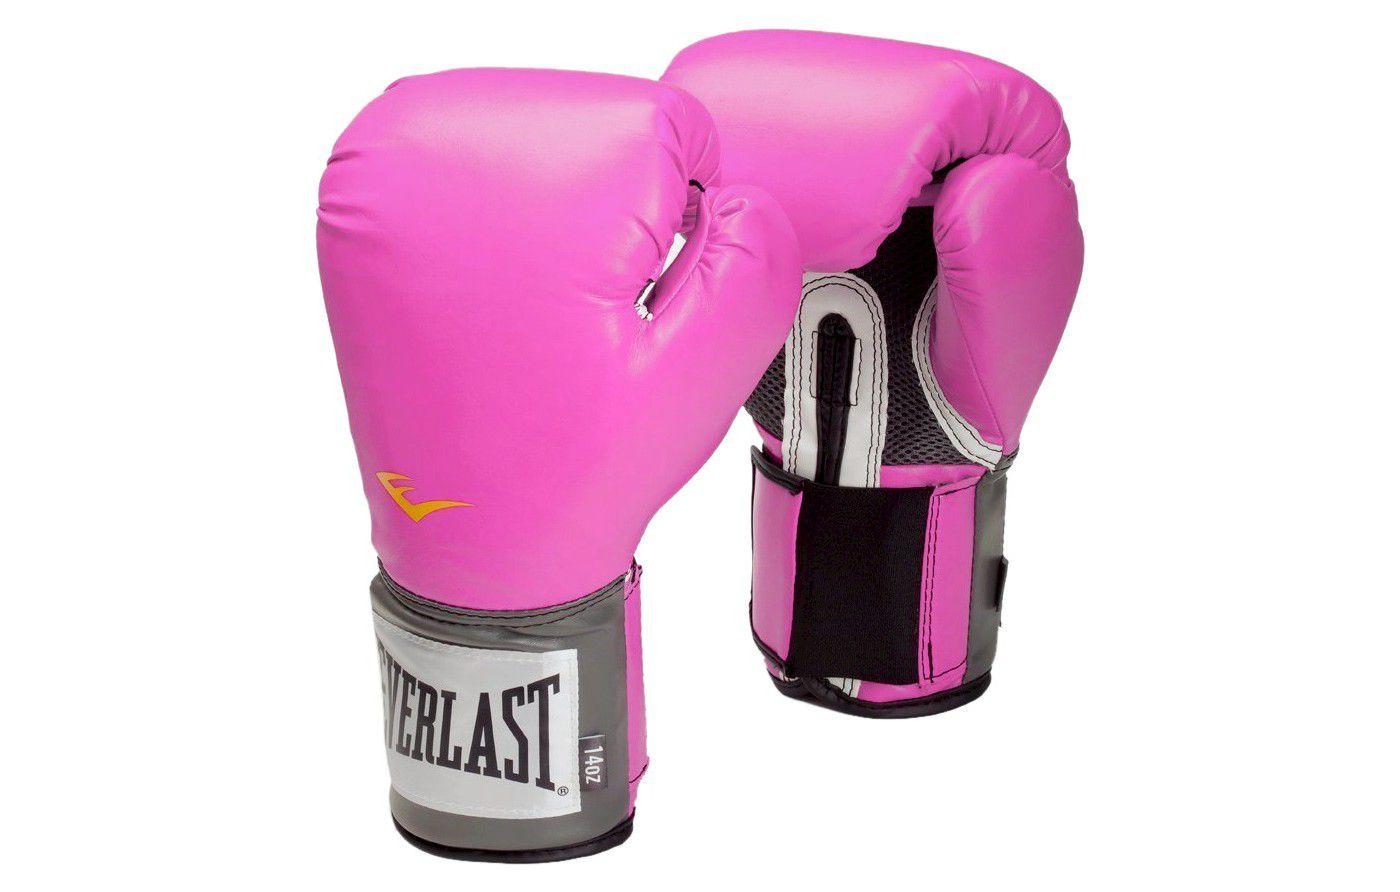 9df886ab2331 Best for Women  Everlast Women s Pro Style Training Gloves